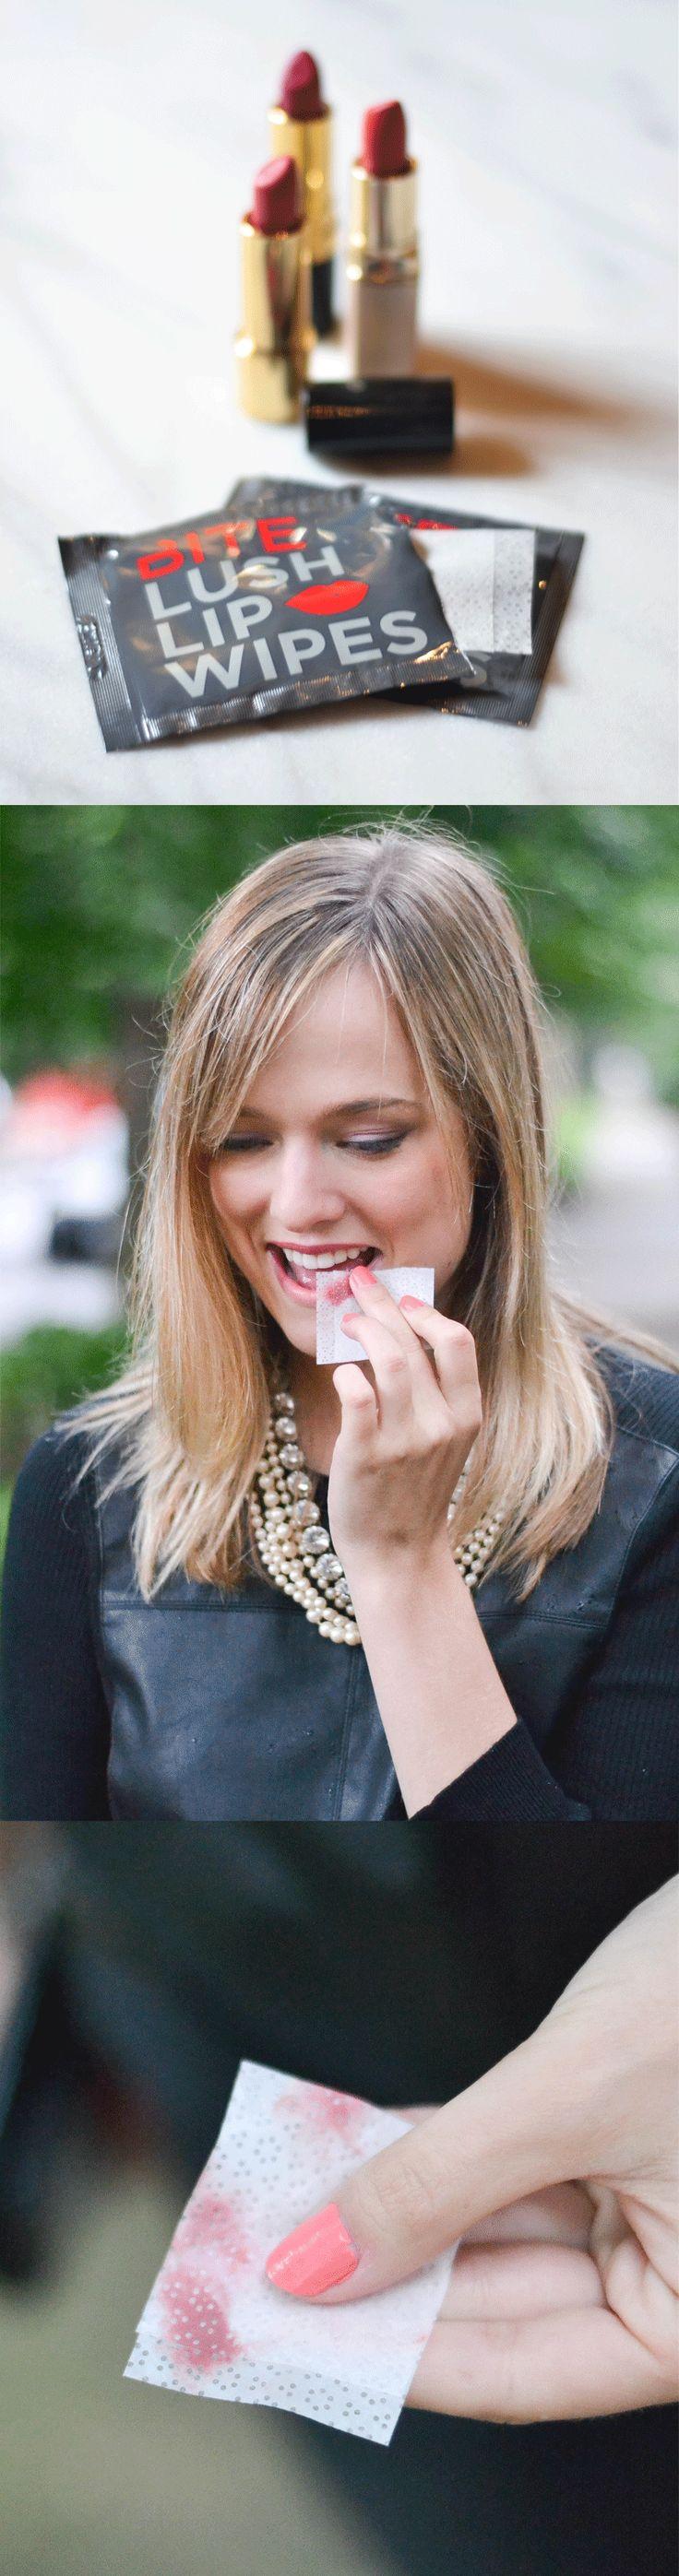 best makeup images on pinterest beauty hacks beauty secrets